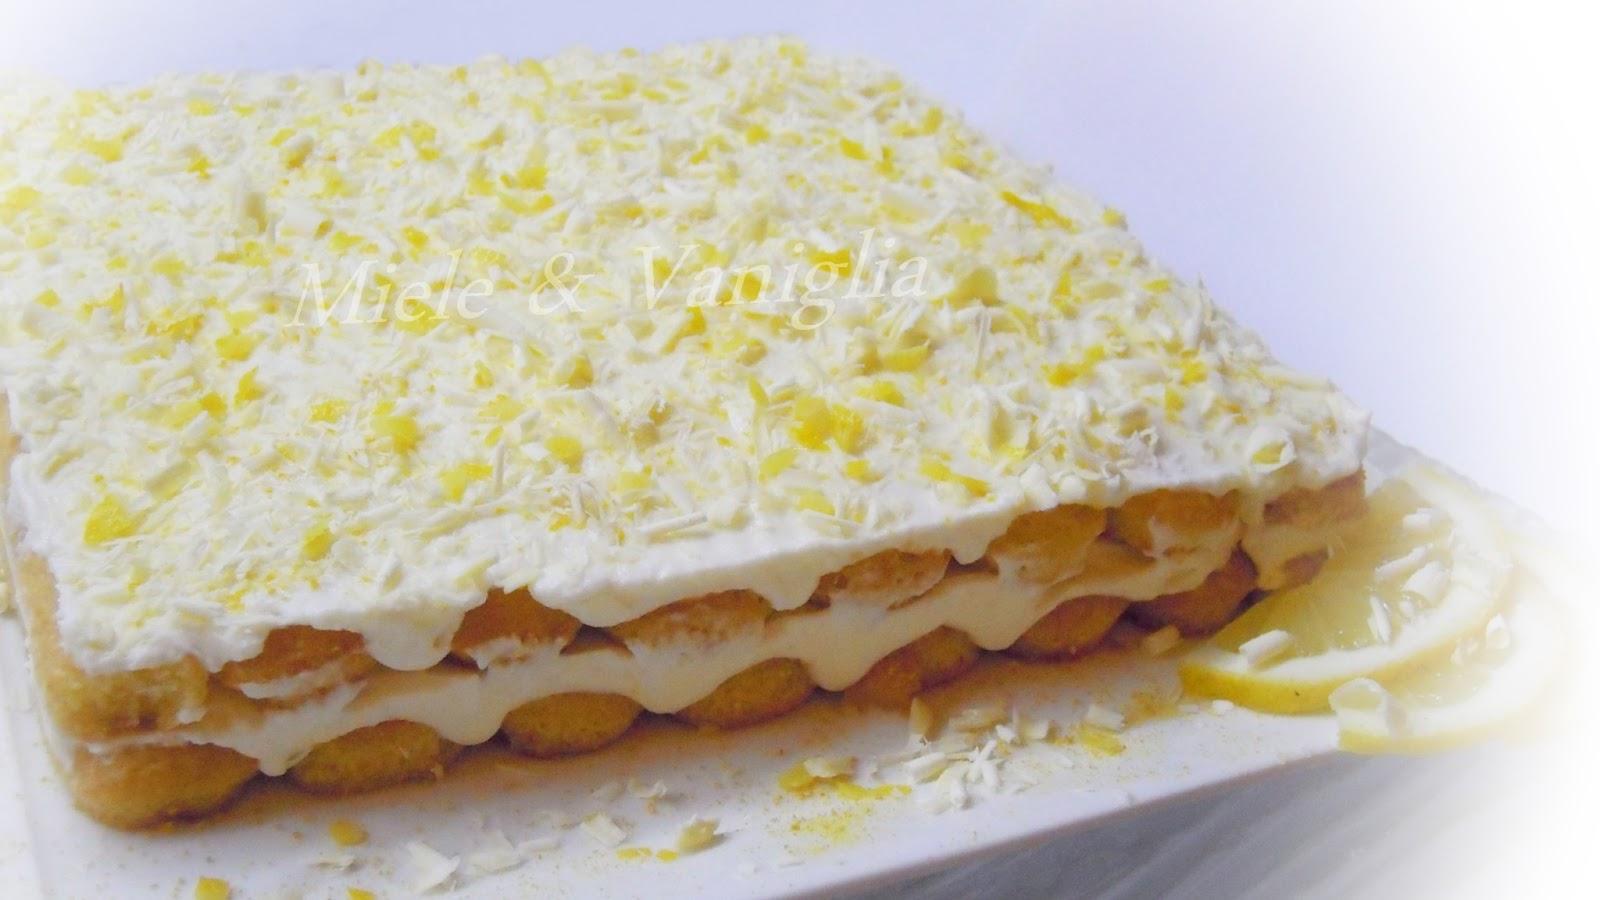 Molto mieleevaniglia: Tiramisù al Limone e Cioccolato Bianco EL59